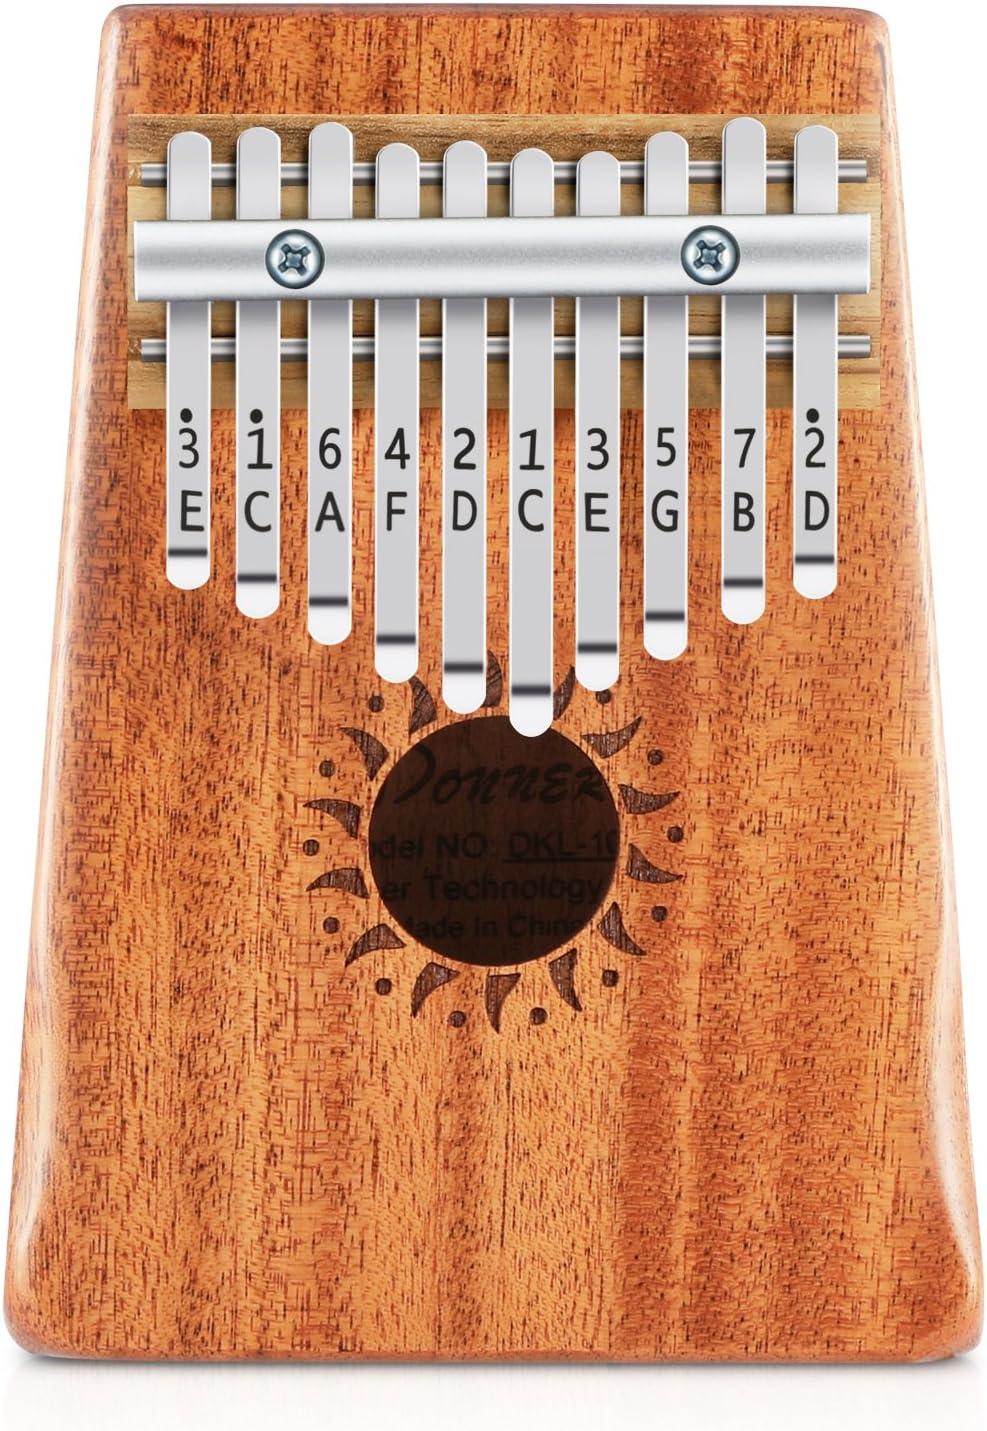 Donner Kalimba 10 Key Thumb Piano Solid Finger Piano Mahogany Body with Case DKL-10